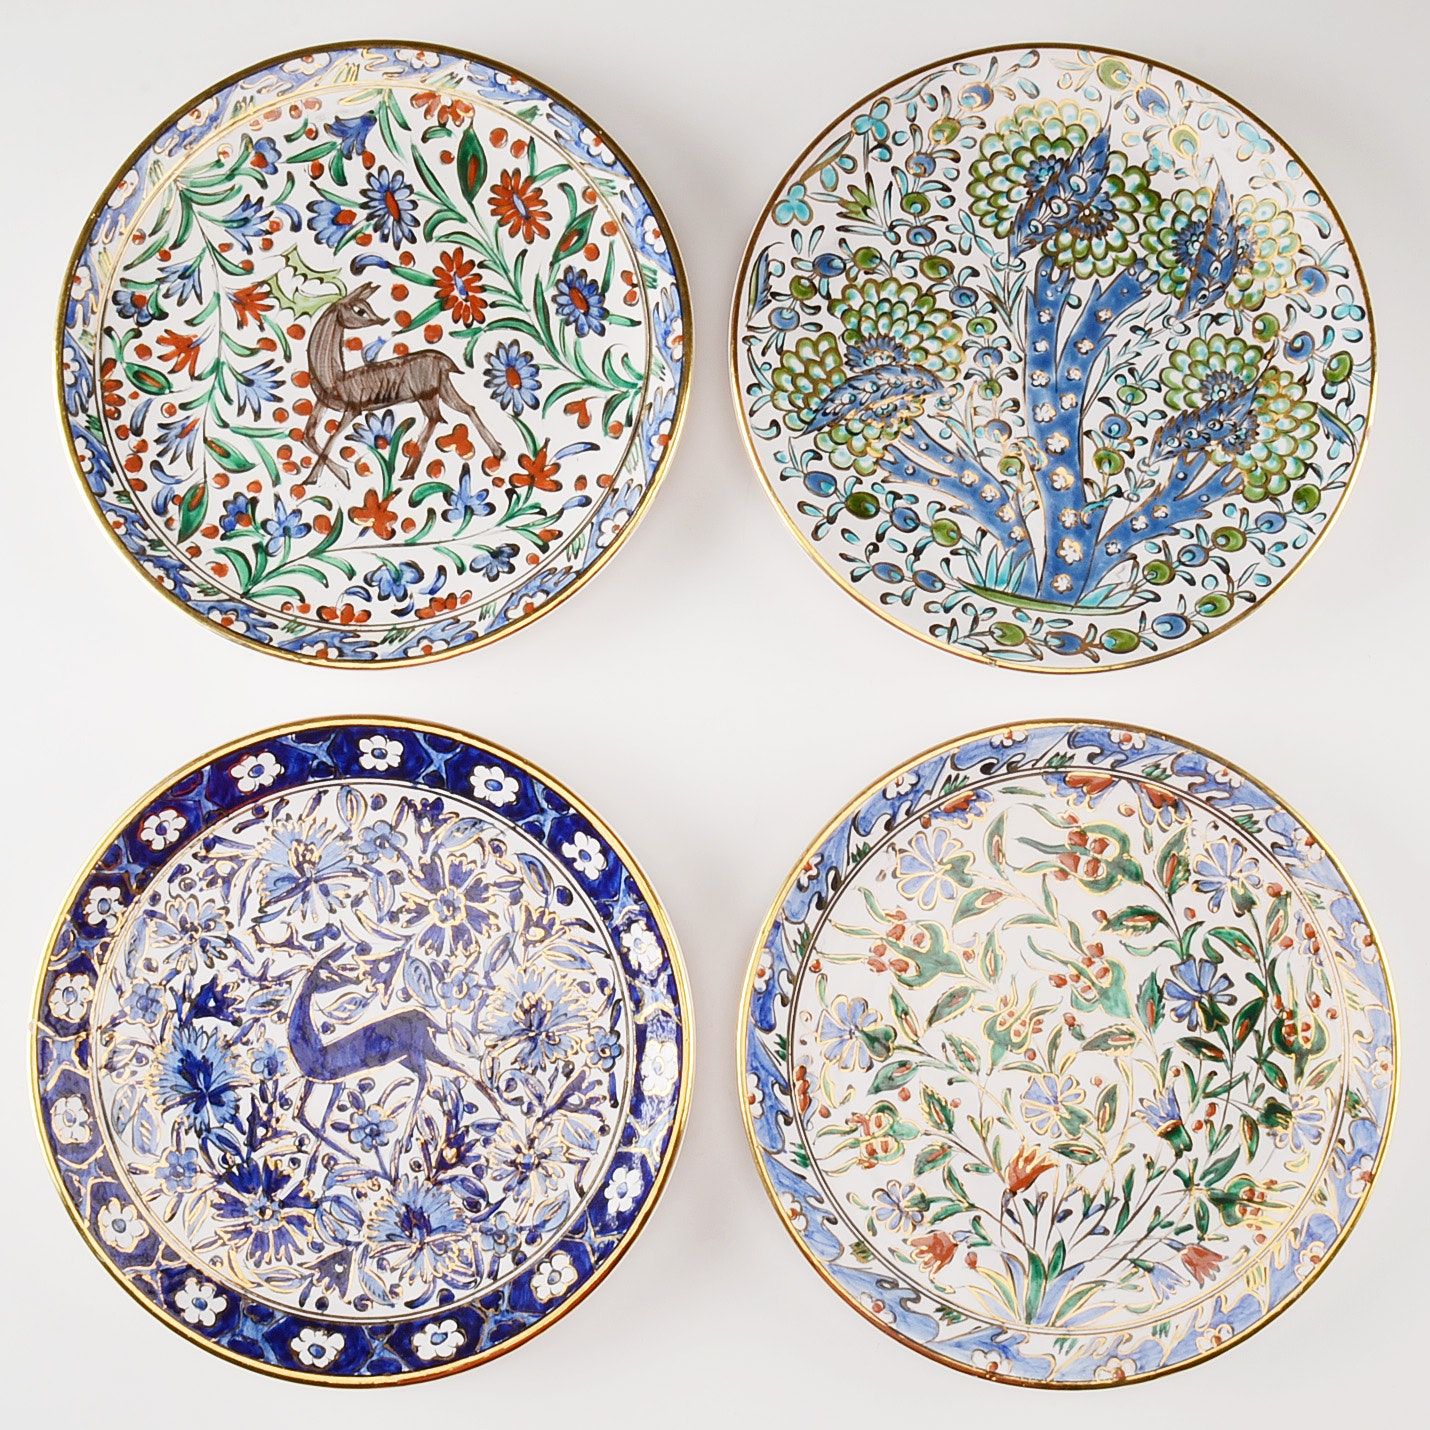 Four Greek Decorative Plates ...  sc 1 st  EBTH.com & Four Greek Decorative Plates : EBTH